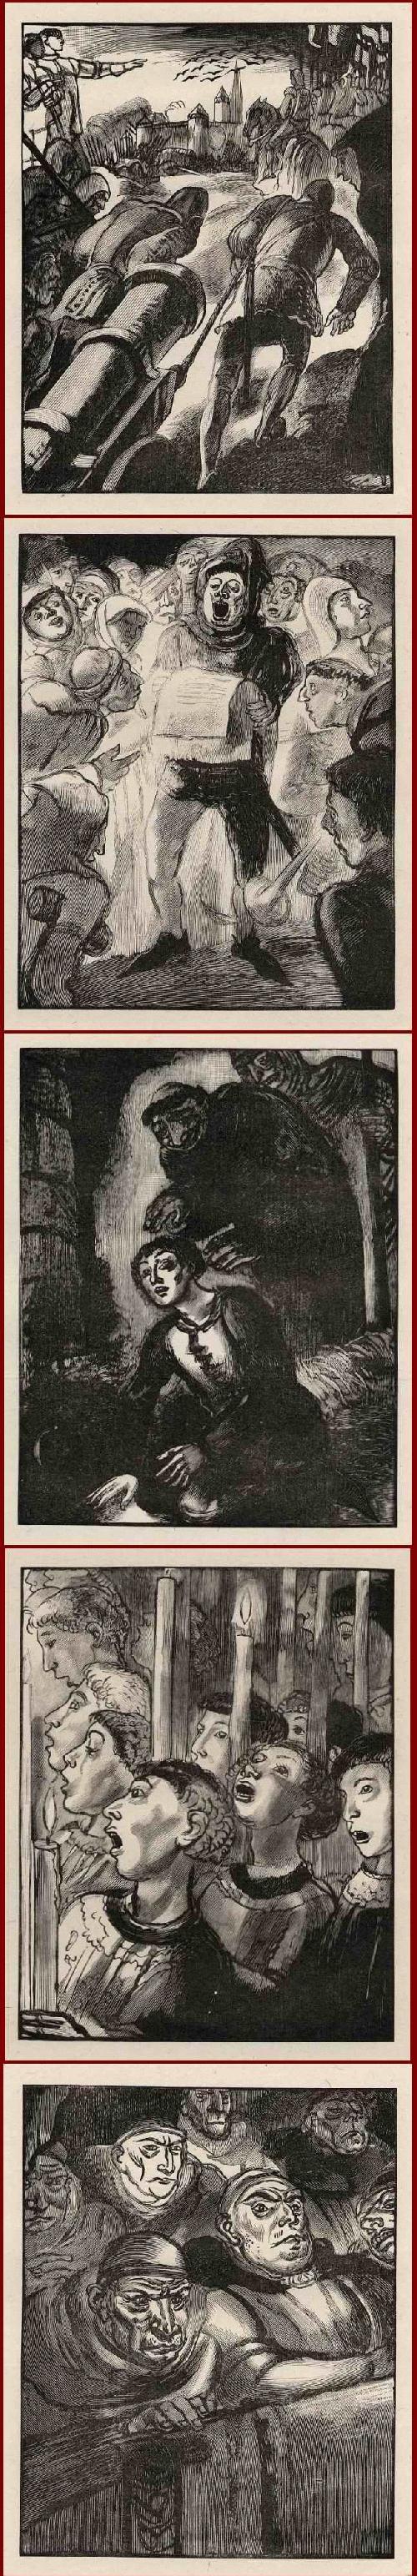 Edouard Lèon  Louis Legrand - Suite von 20 OriginalHolzschnitten -Illustrationen zu Johanna von ORLÉAN - 1928 - im Stock signiert kopen? Bied vanaf 65!